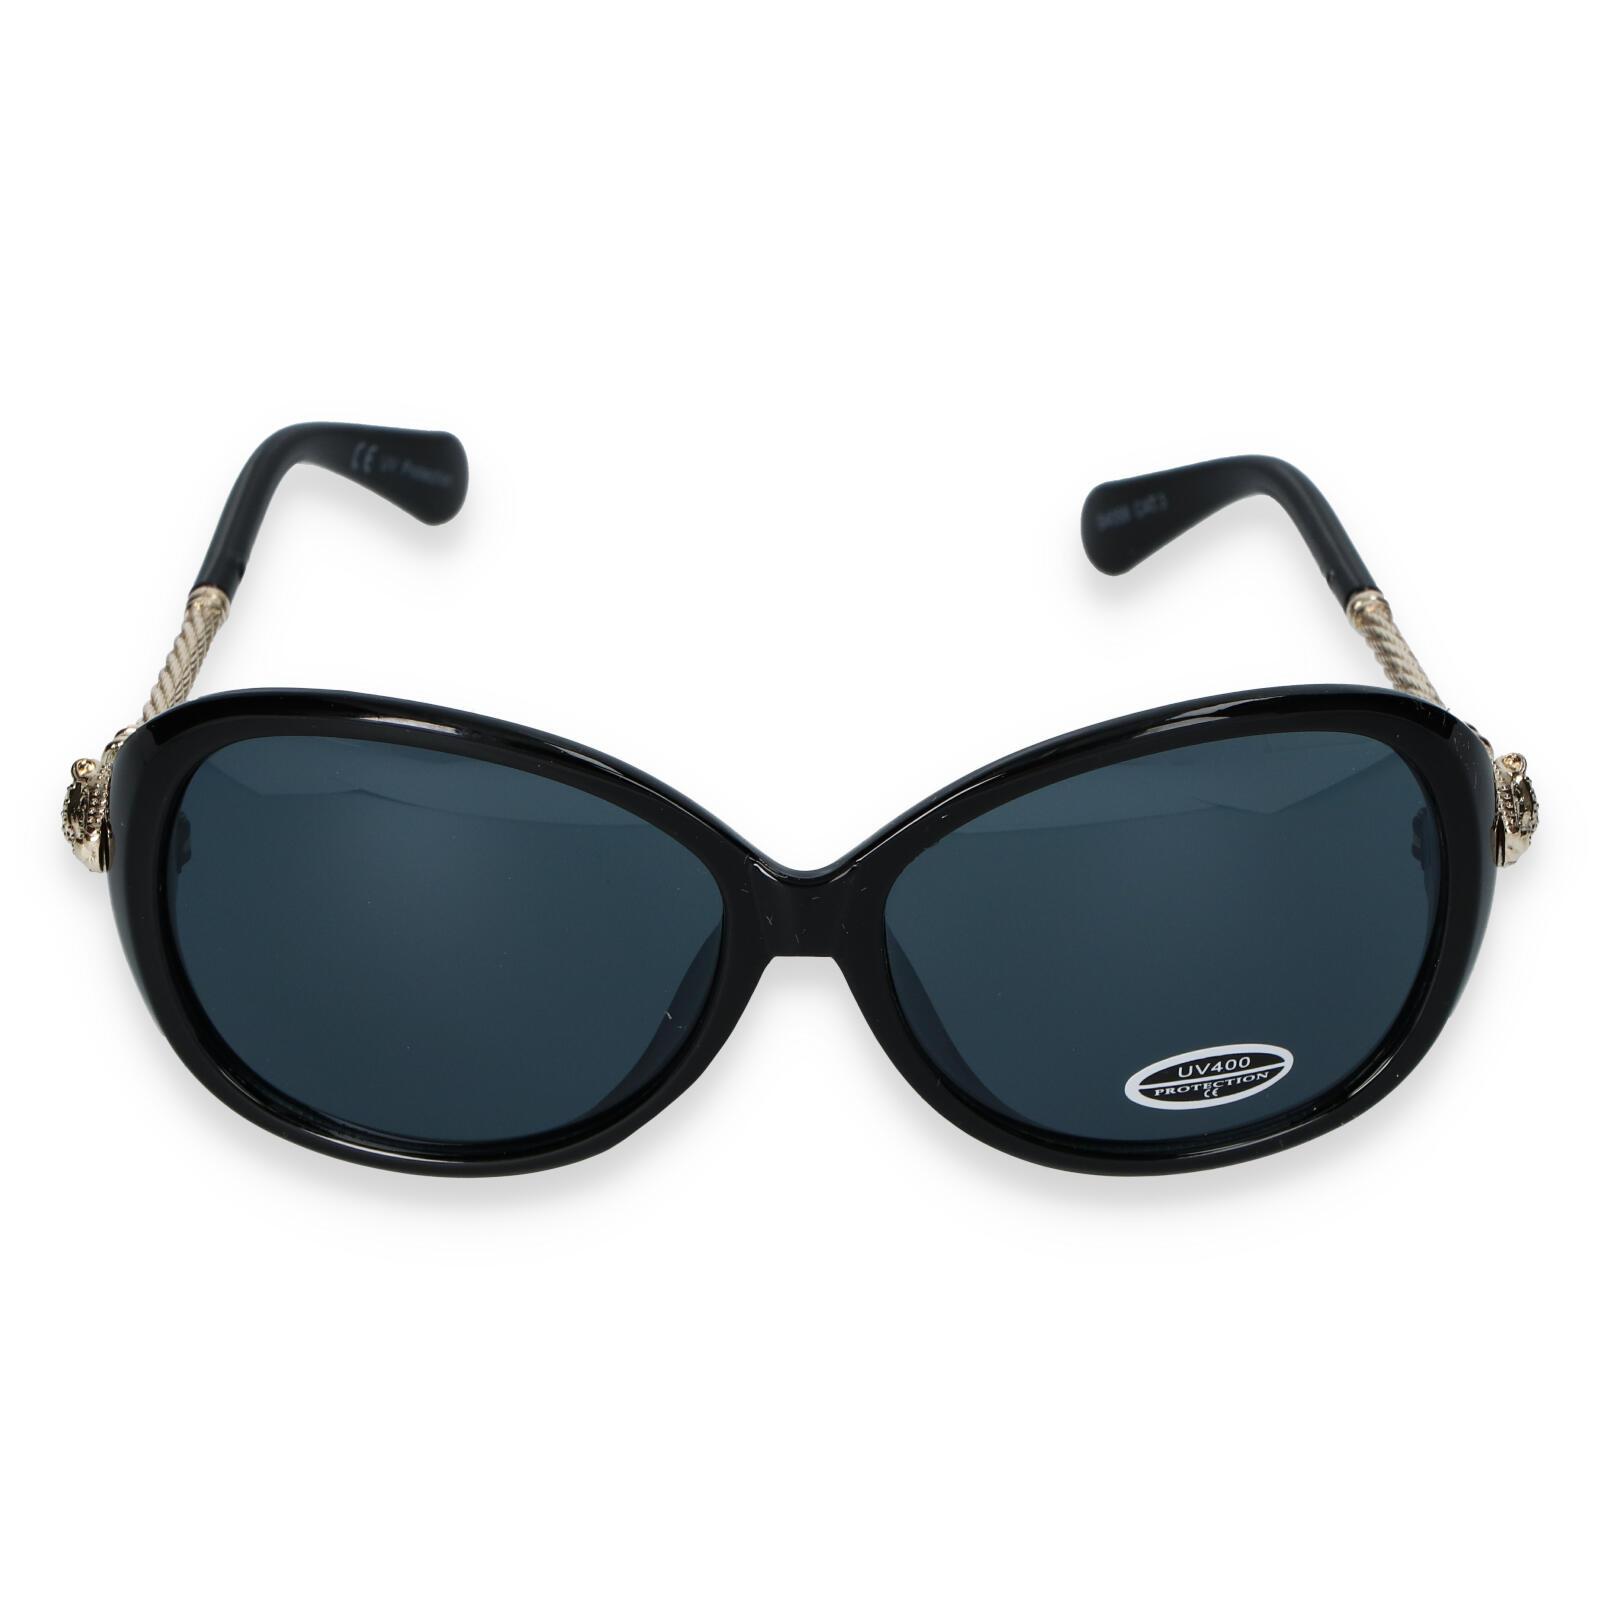 Dámské sluneční brýle černé - S8504